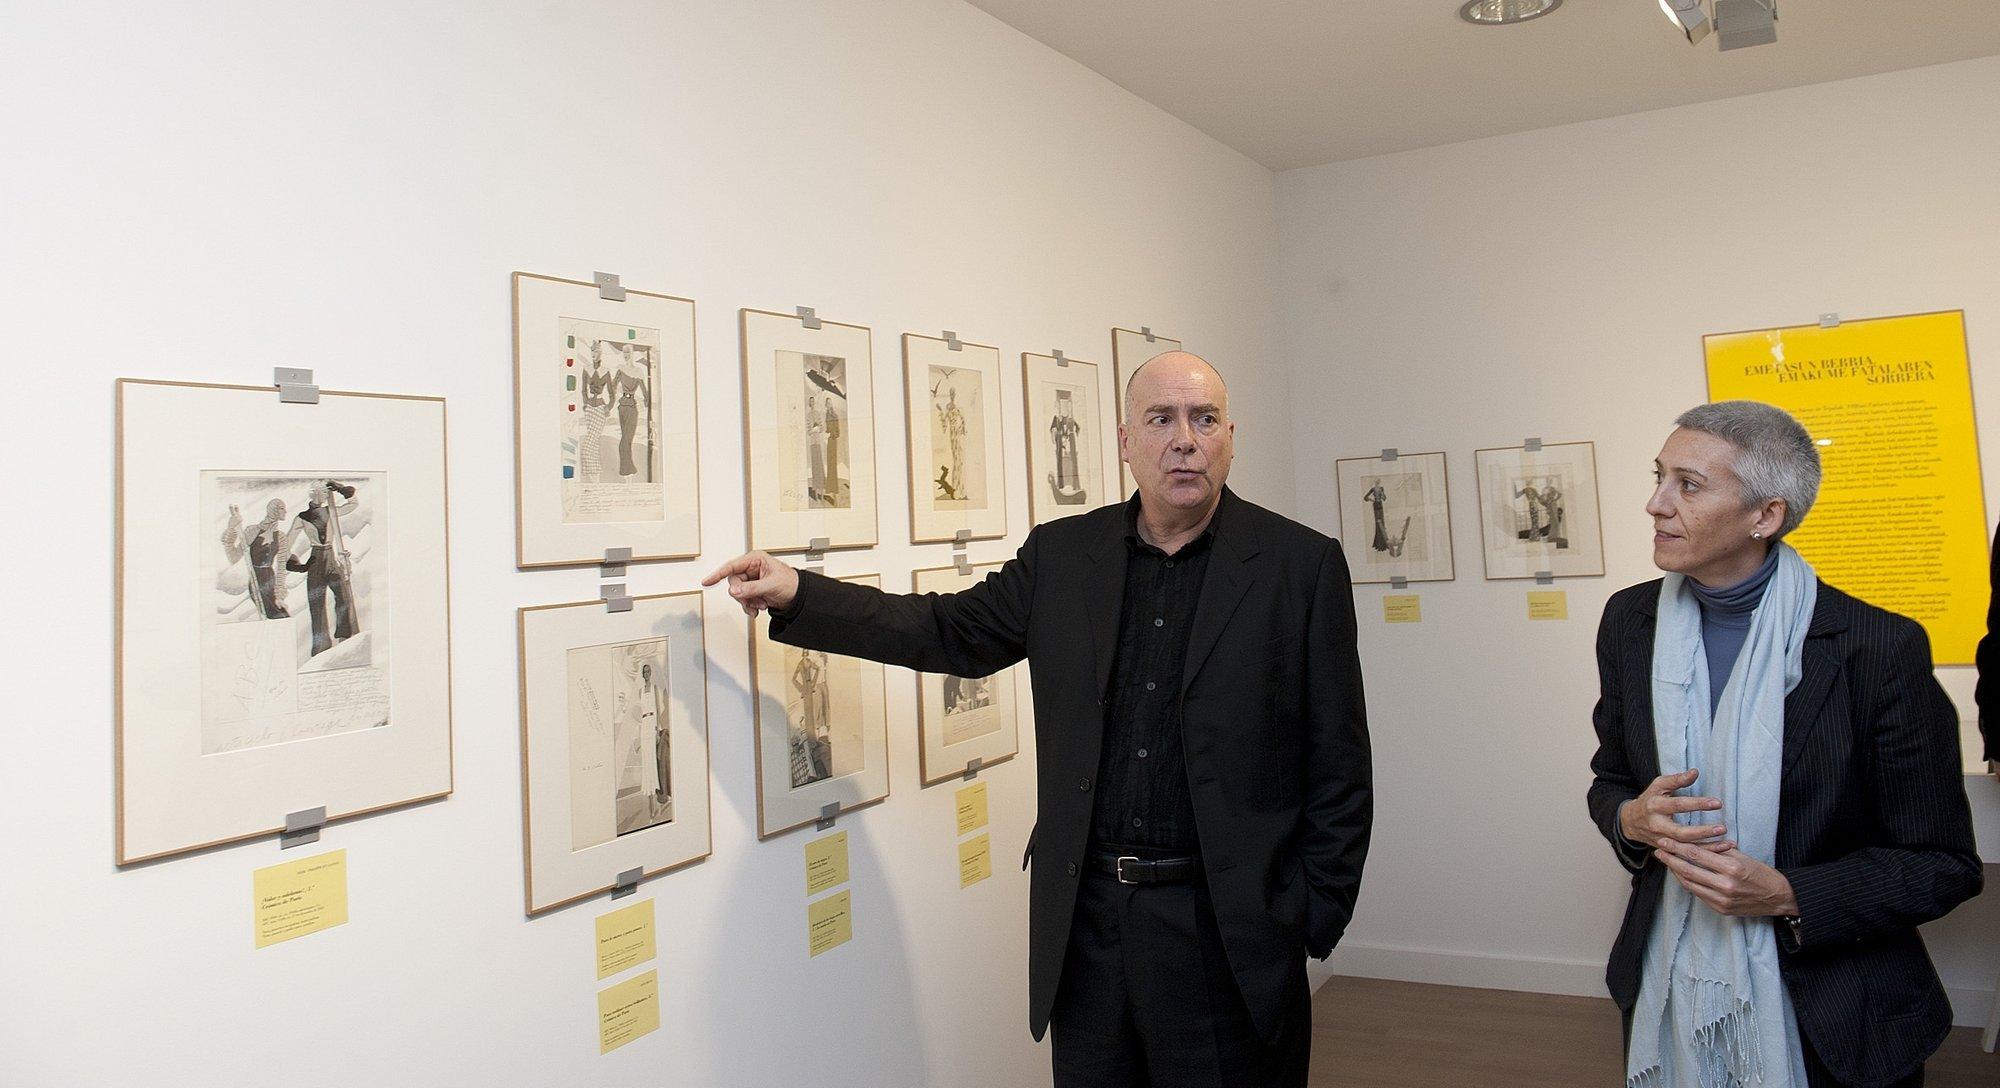 El Museo Balenciaga de Getaria repasa la trayectoria de Carlos Sáenz de Tejada